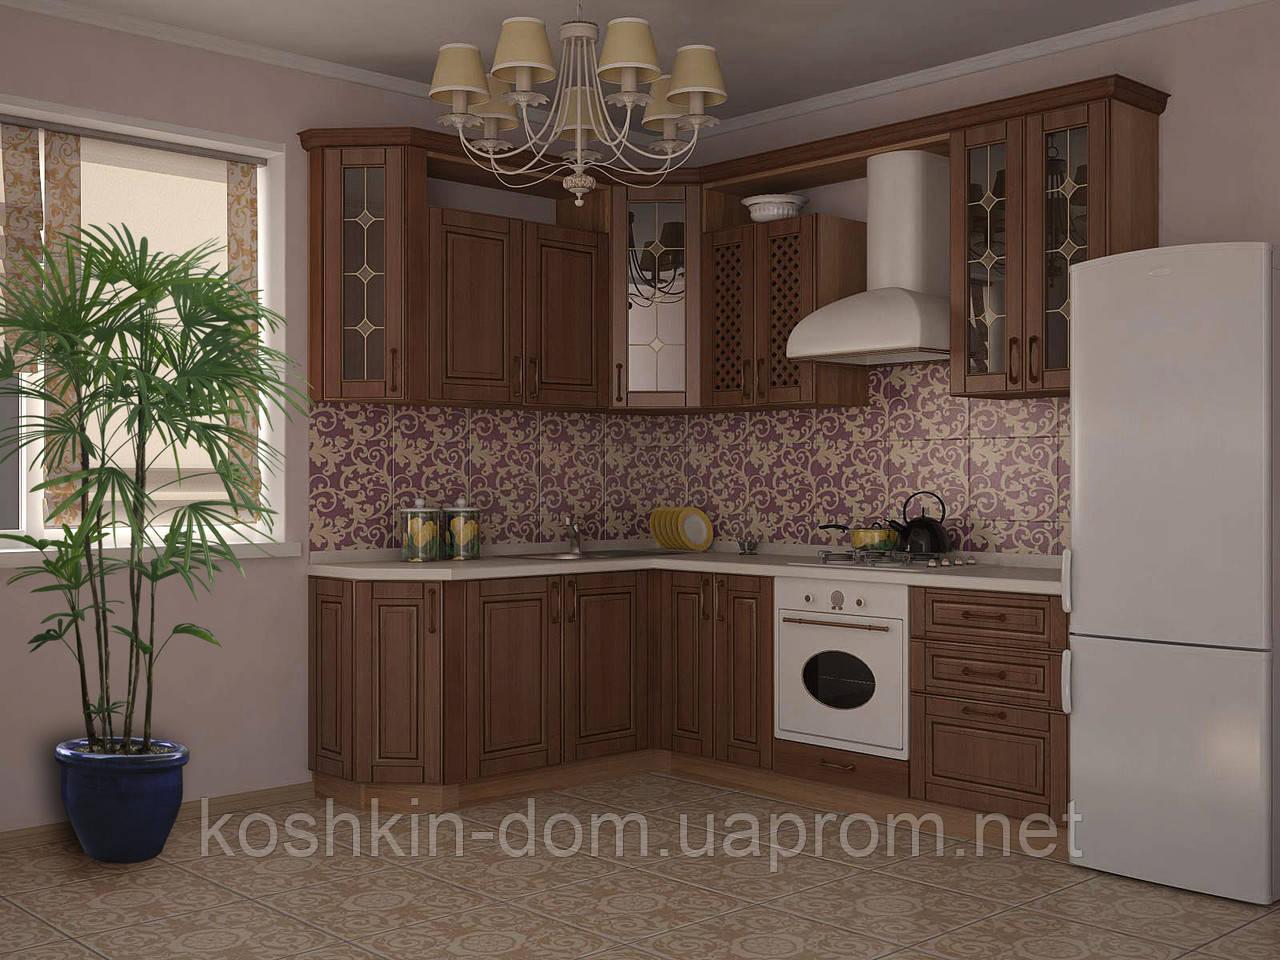 Кухня модульная угловая Ким MDF 1800*2400 мм